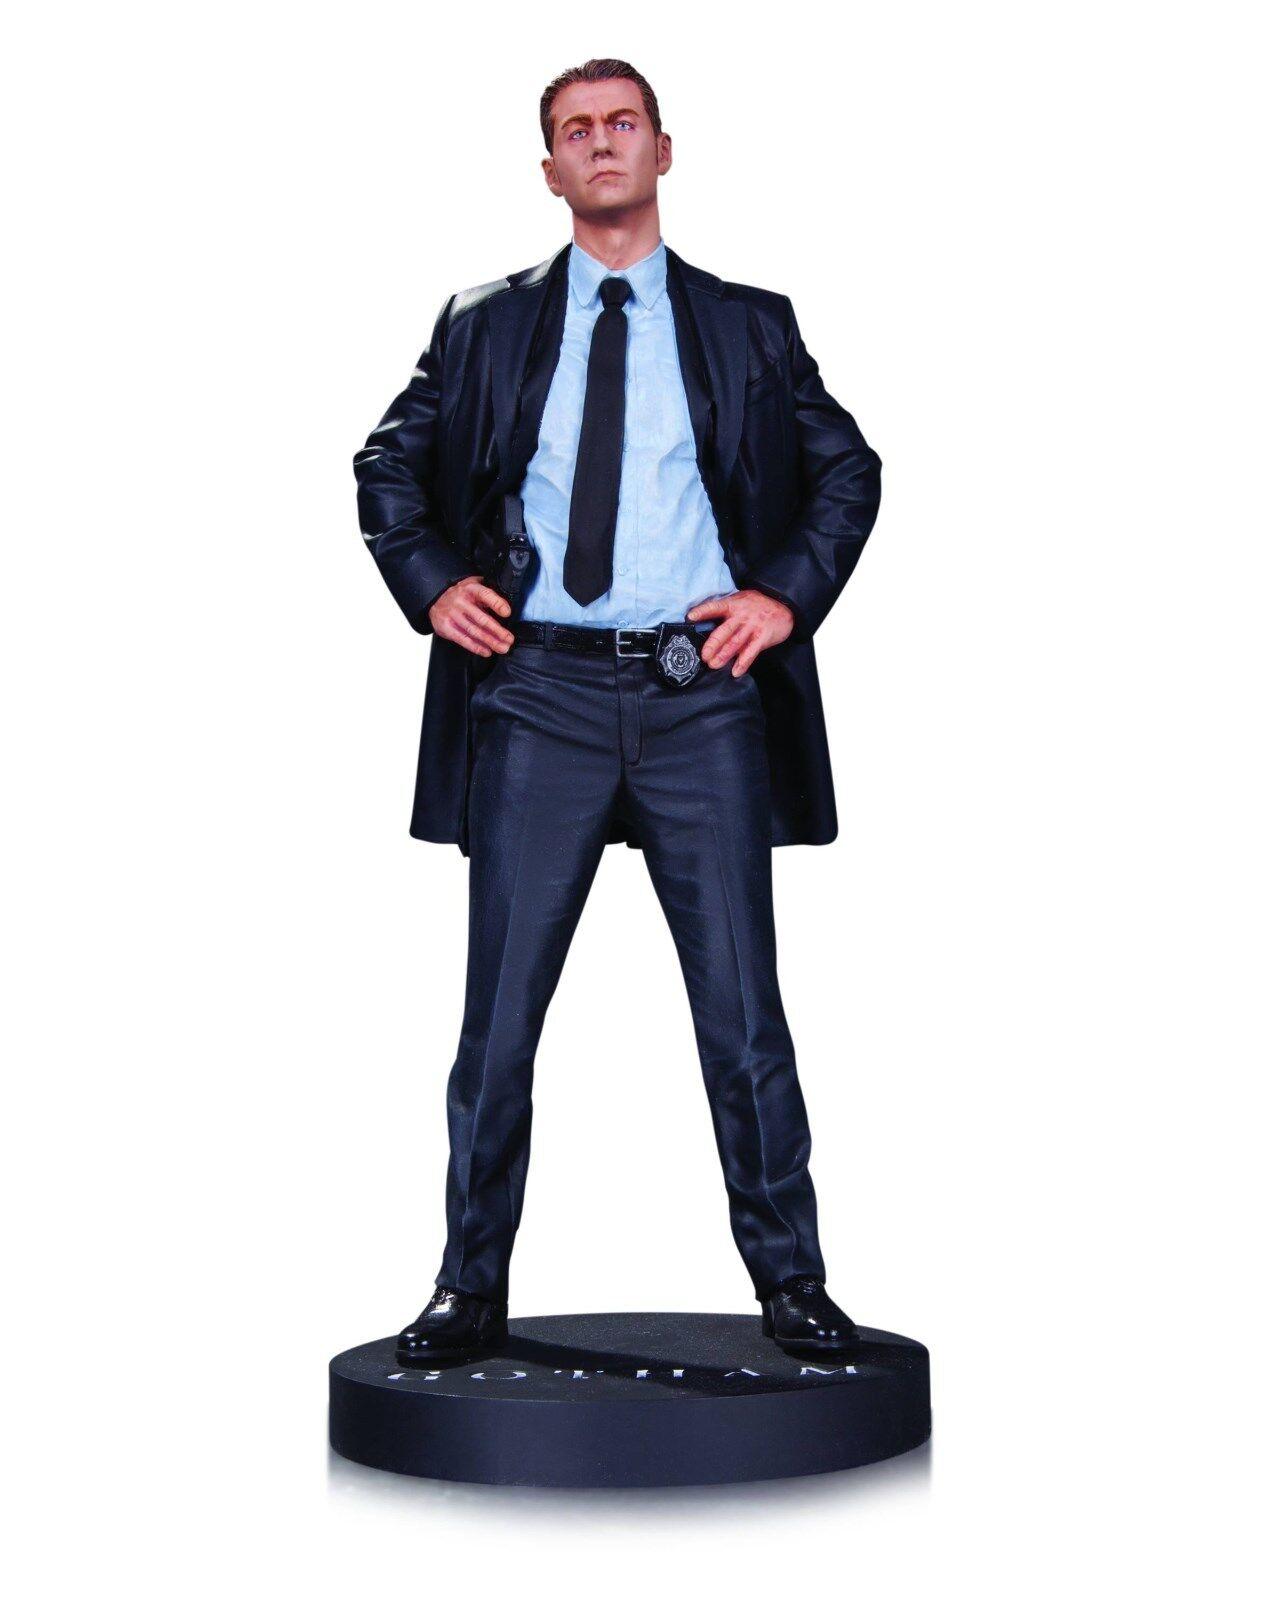 Gotham tv - kommissar james gordon statue von dc sammlerstcke